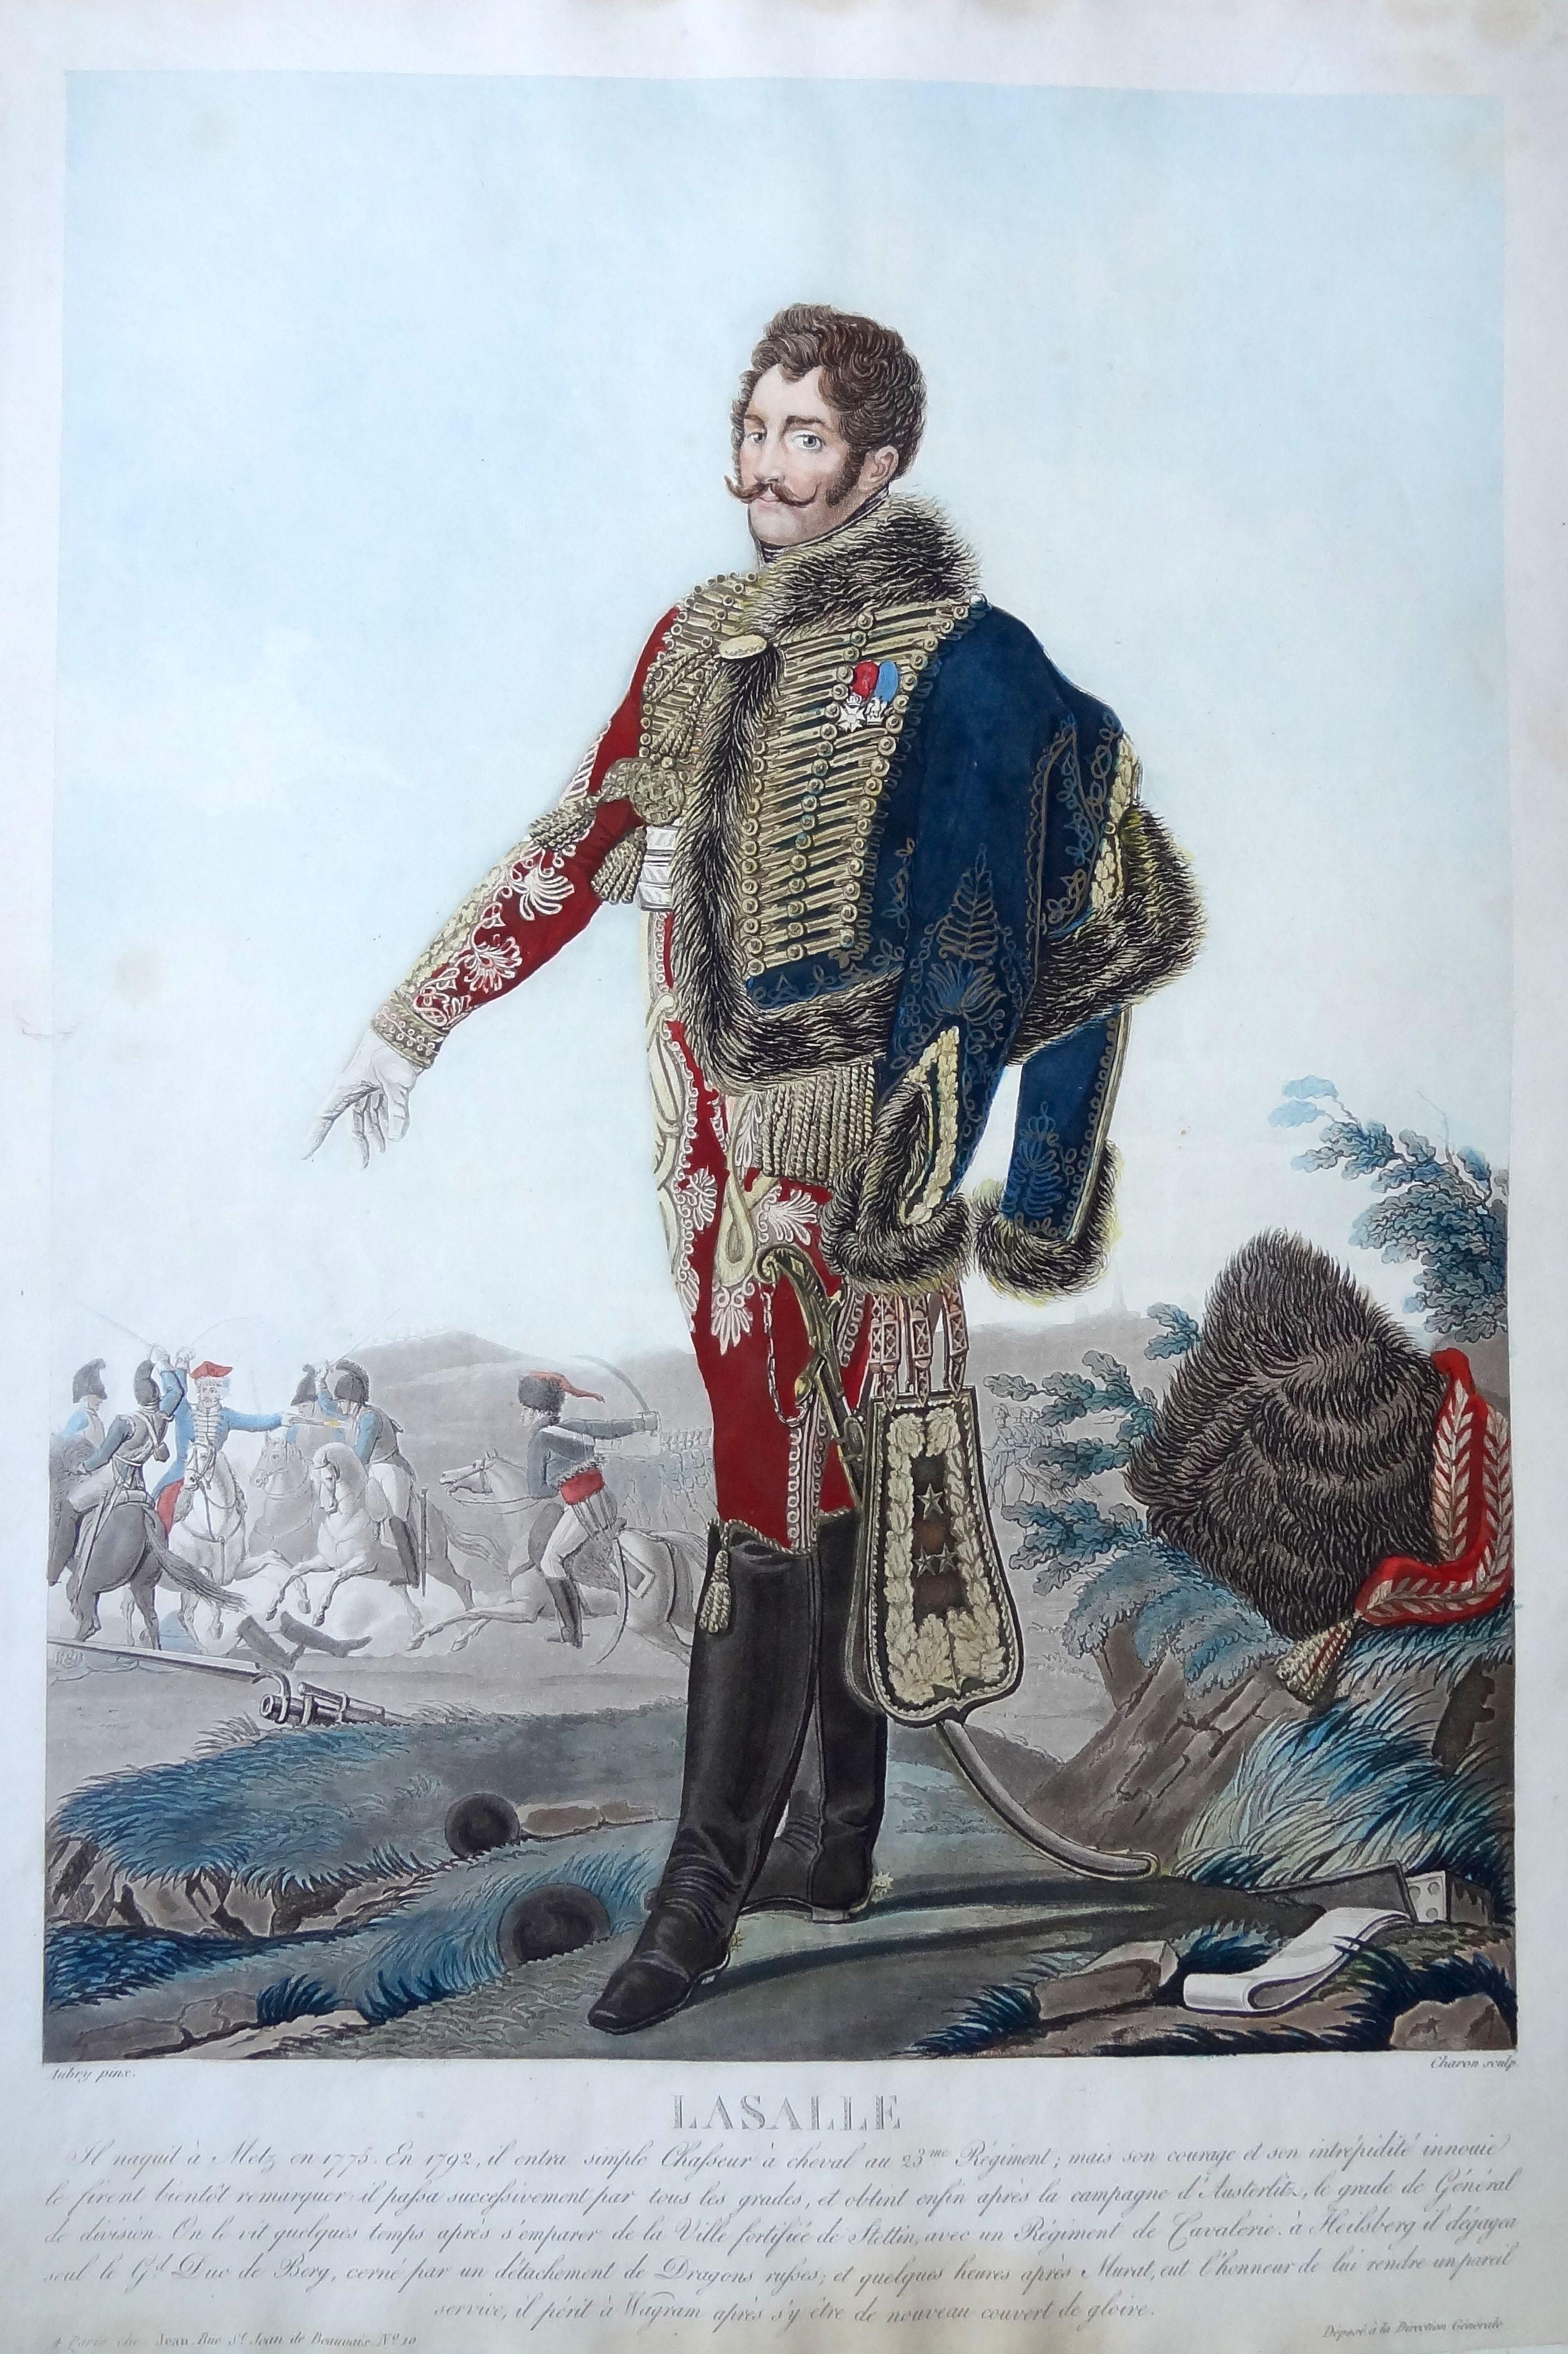 Antoine Lasalle Le General Hussard Ne Le 10 Mai 1775 A Metz Mort A La Bataille De Wagram Le 6 Juillet 1809 Portrait Hommes Estampes Guerres Napoleoniennes